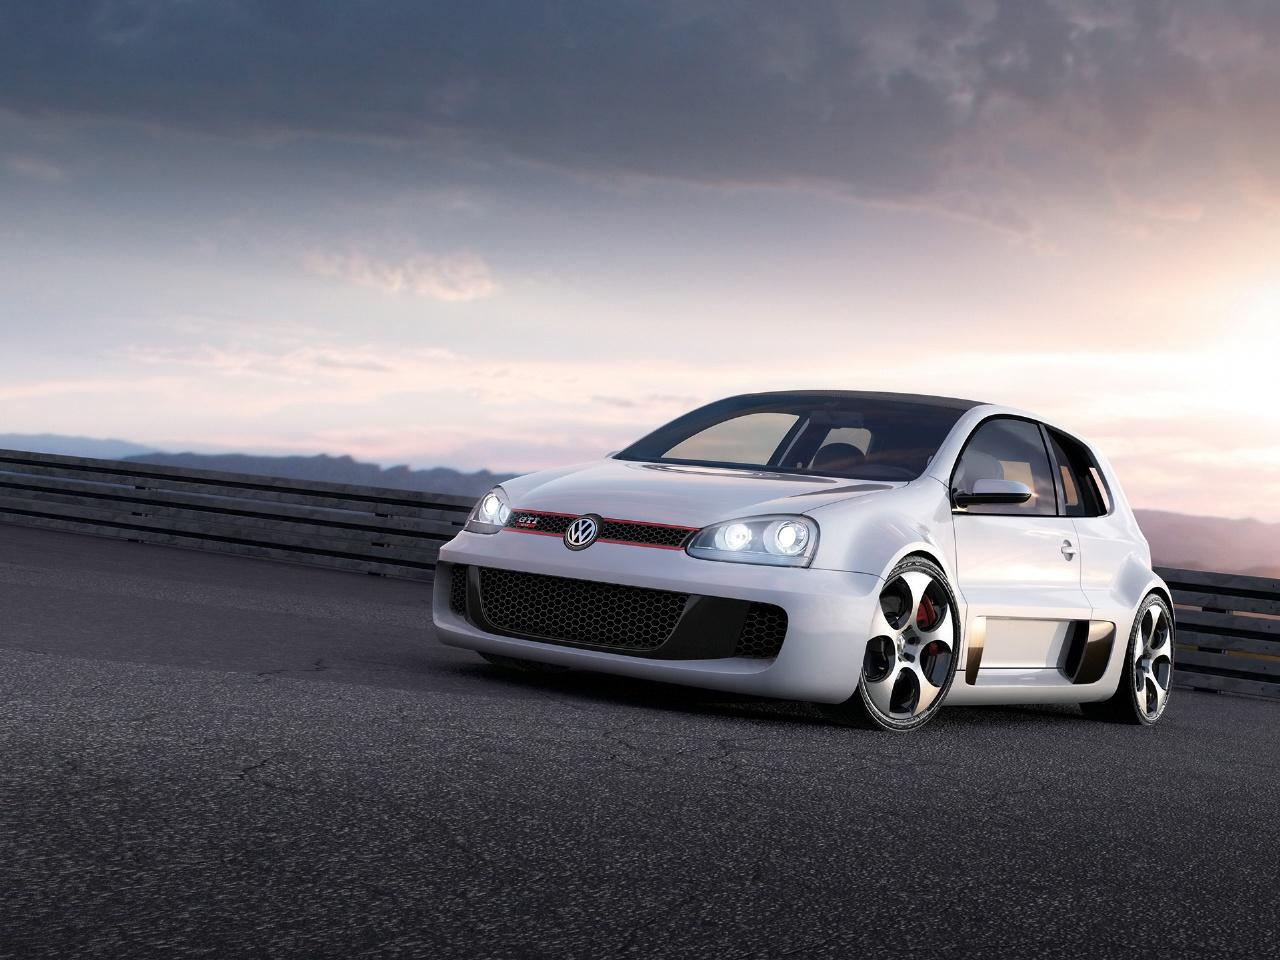 2007 Volkswagen GTI W12 Concept